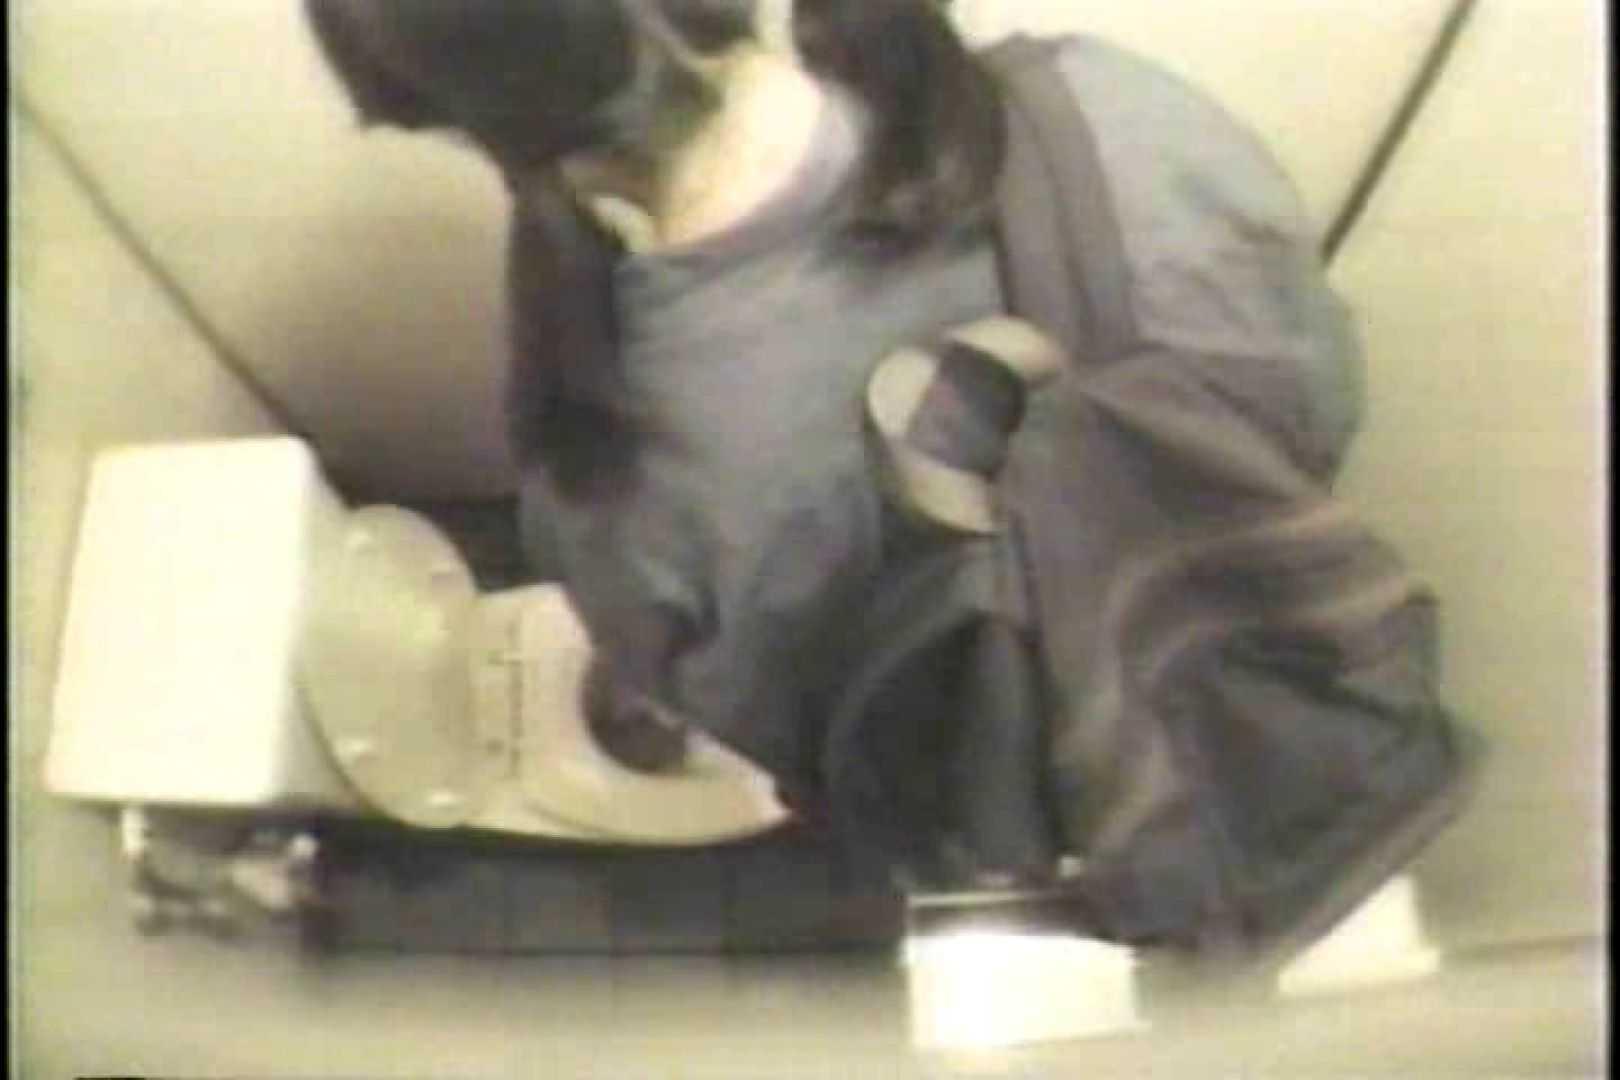 盗撮 女子洗面所3ヶ所入ってしゃがんで音出して プライベート  109連発 92